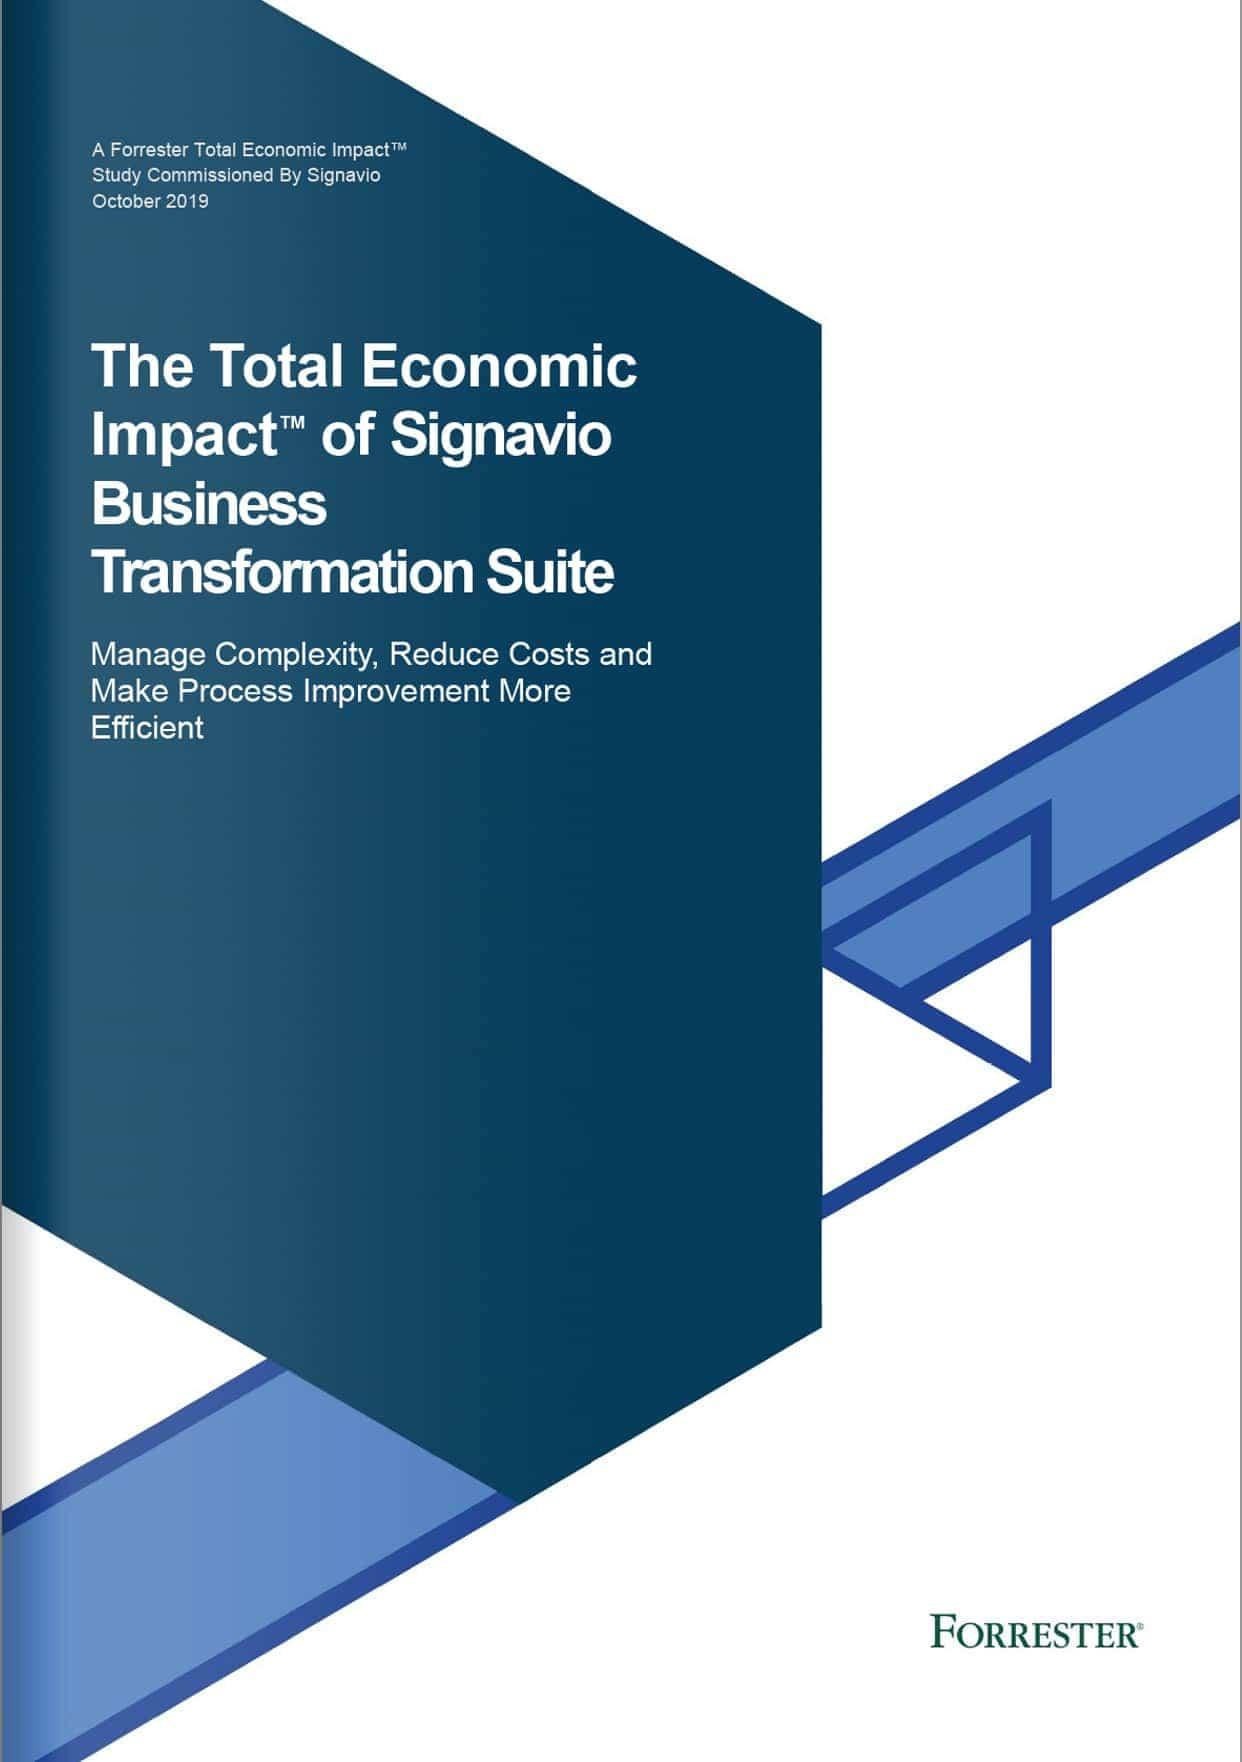 Forrester Studie: ROI der Signavio Business Transformation